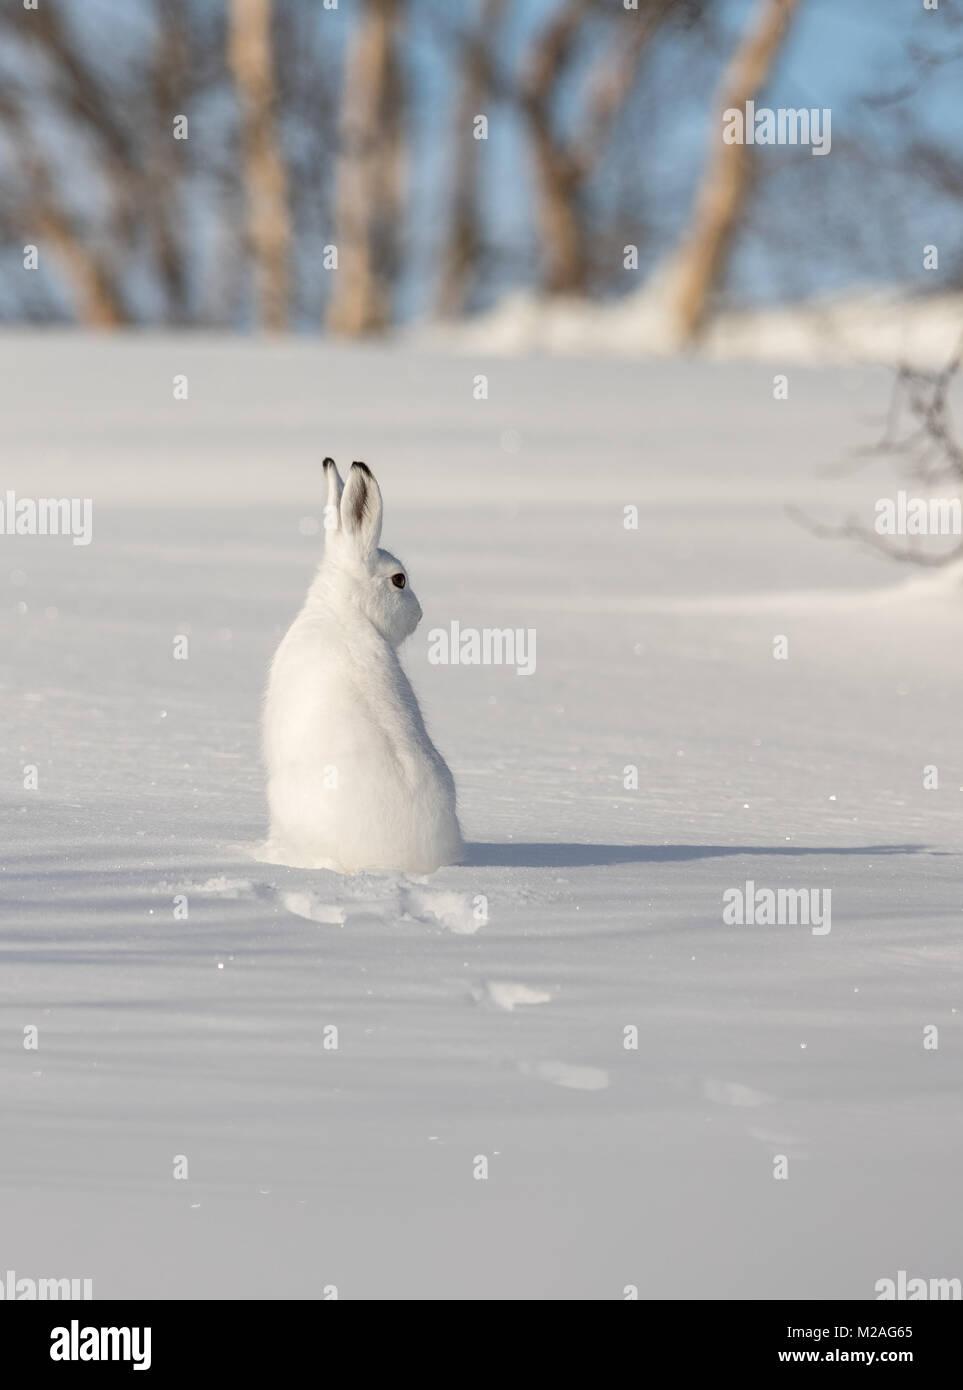 La montaña de liebre, Lepus timidus, en invierno pelaje, sentada en la nieve, mirando a la derecha, en el nevado paisaje invernal con abedules y cielo azul, en Setesdal, Noruega, imagen vertical Foto de stock